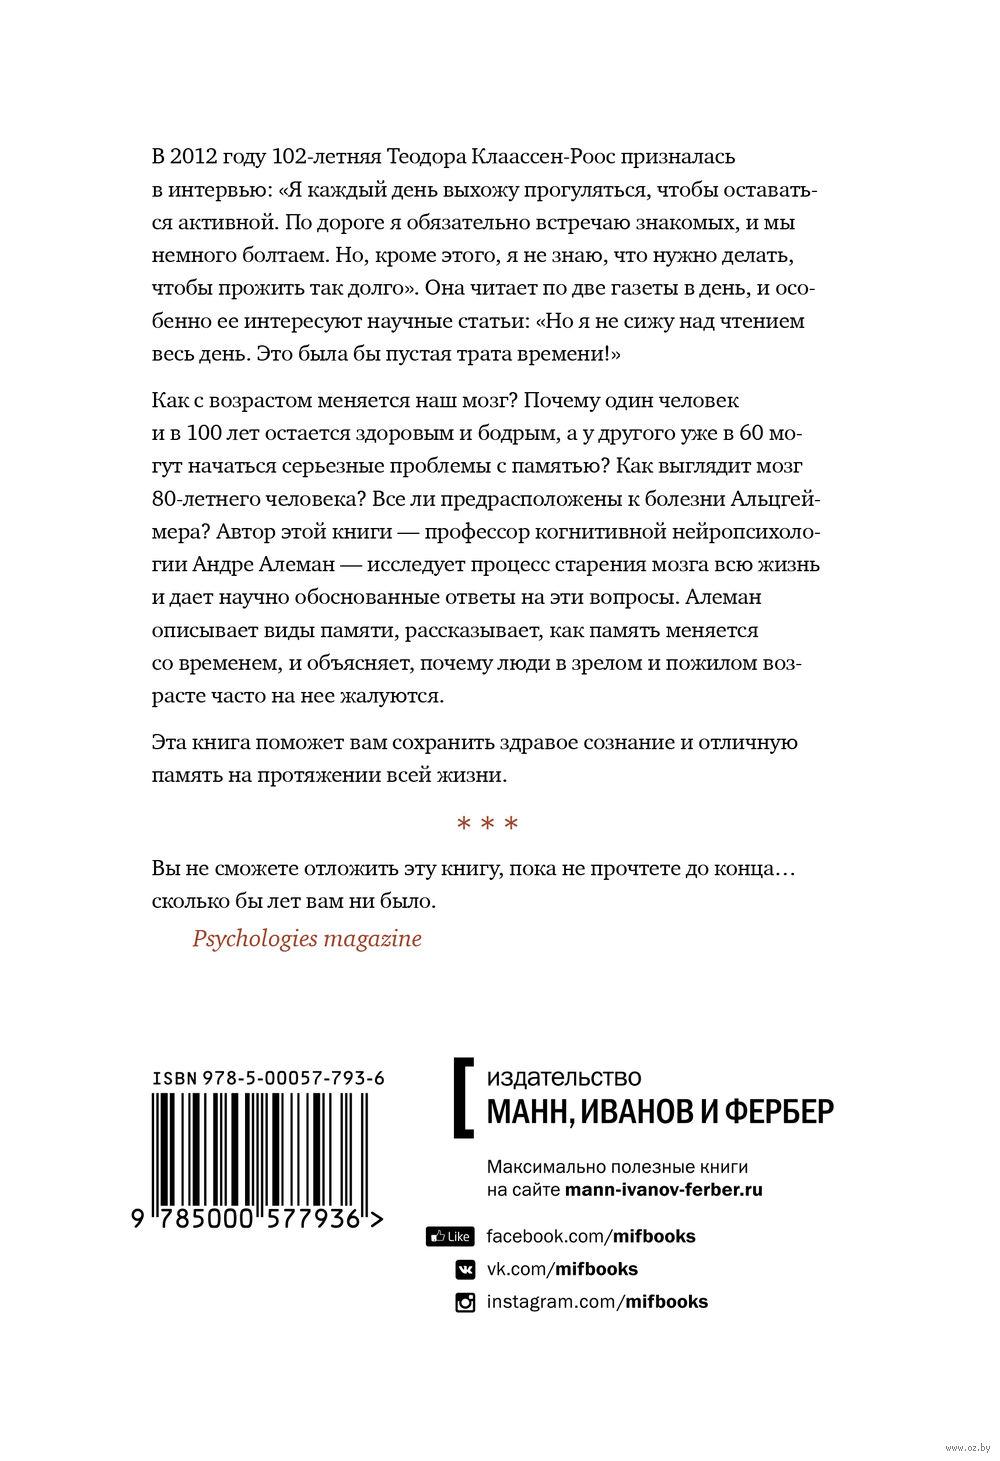 Пенсия шахтеров в россии в 2015